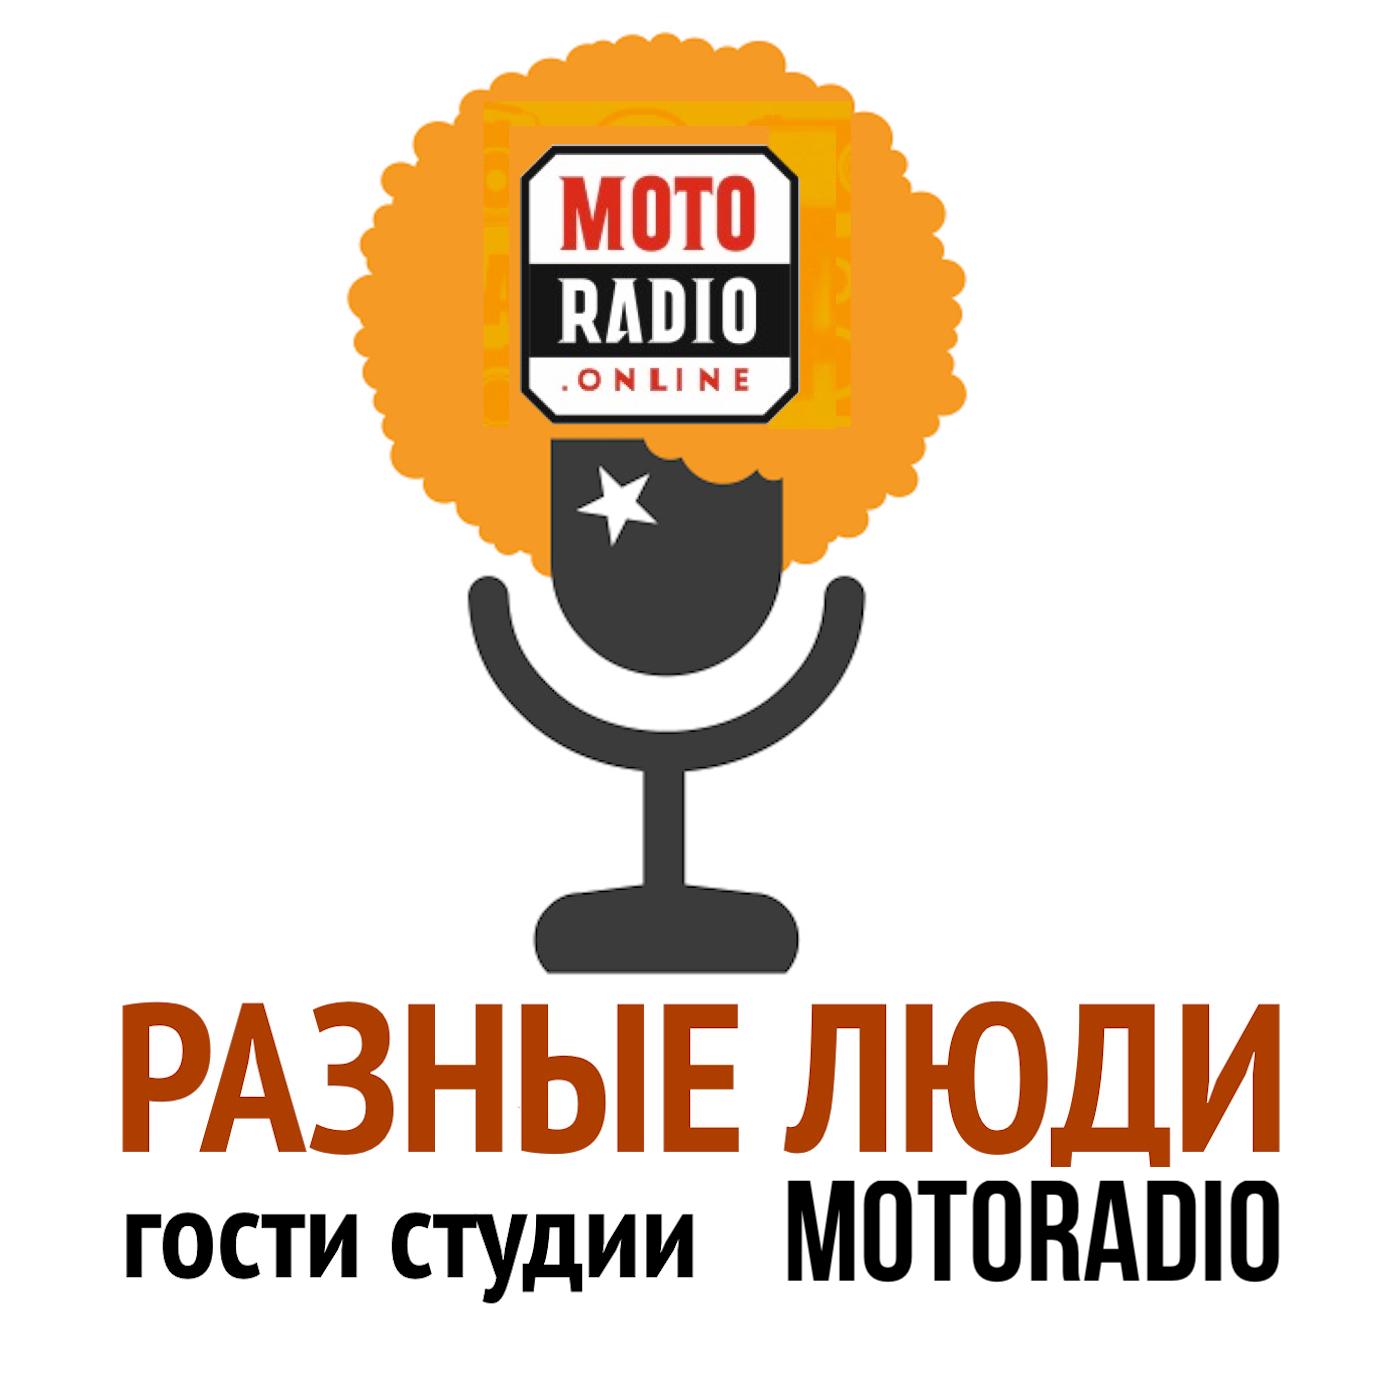 Моторадио Олег Грабко о современном шоу-бизнесе, о пластинках и цифровой музыке и многом другом.